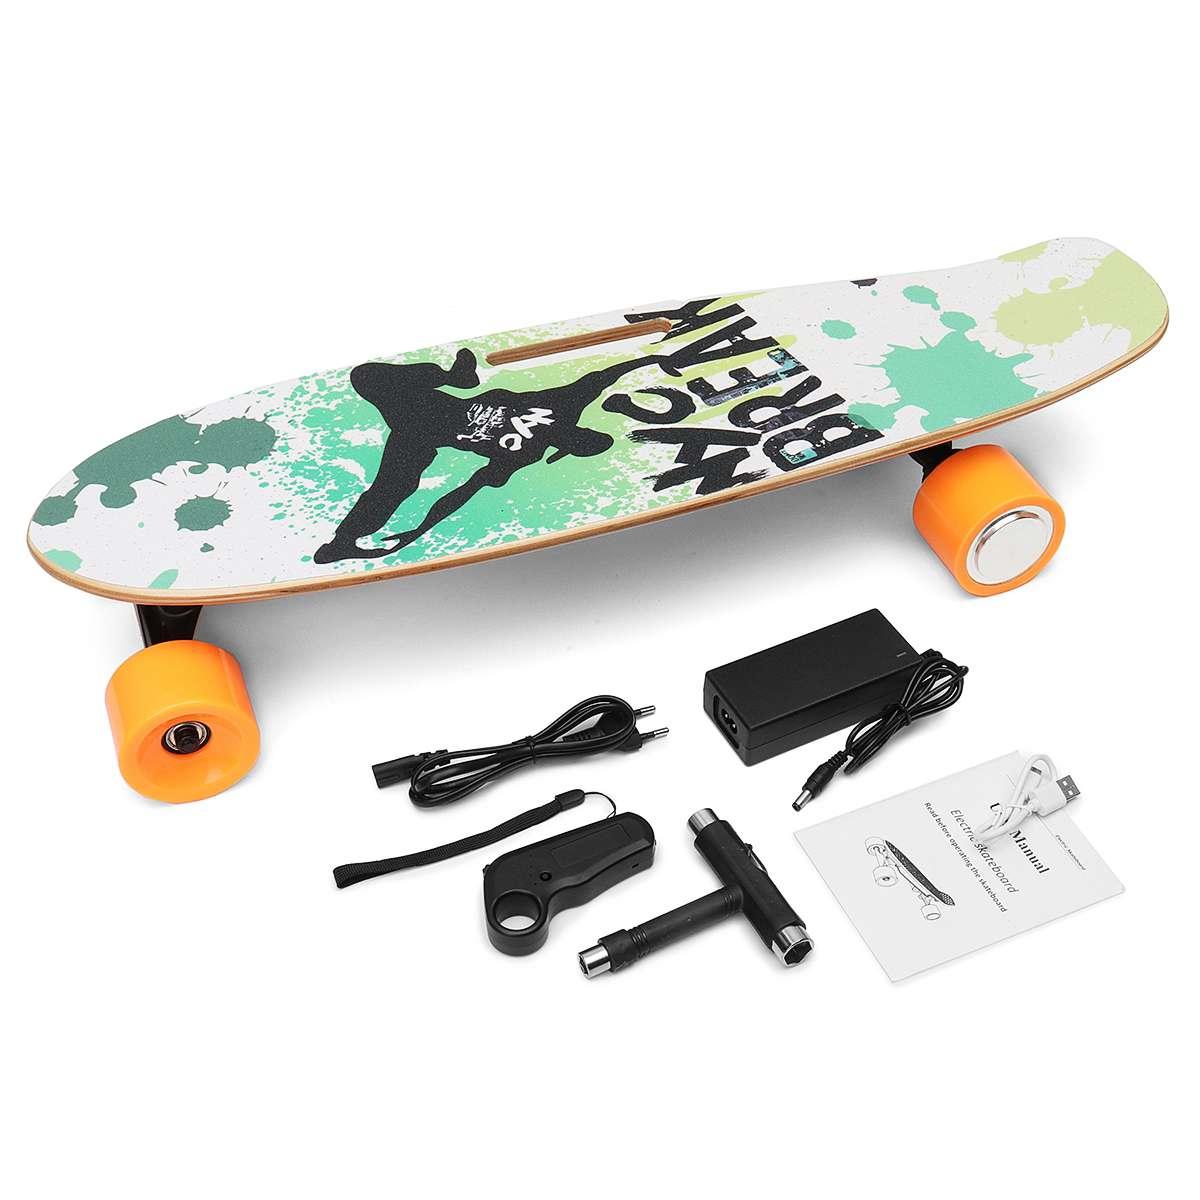 250 W 15 km/h skateboard électrique avec télécommande scooter adulte Kit Motorisé Hub Petit éclisse planche de skate Quatre Roues